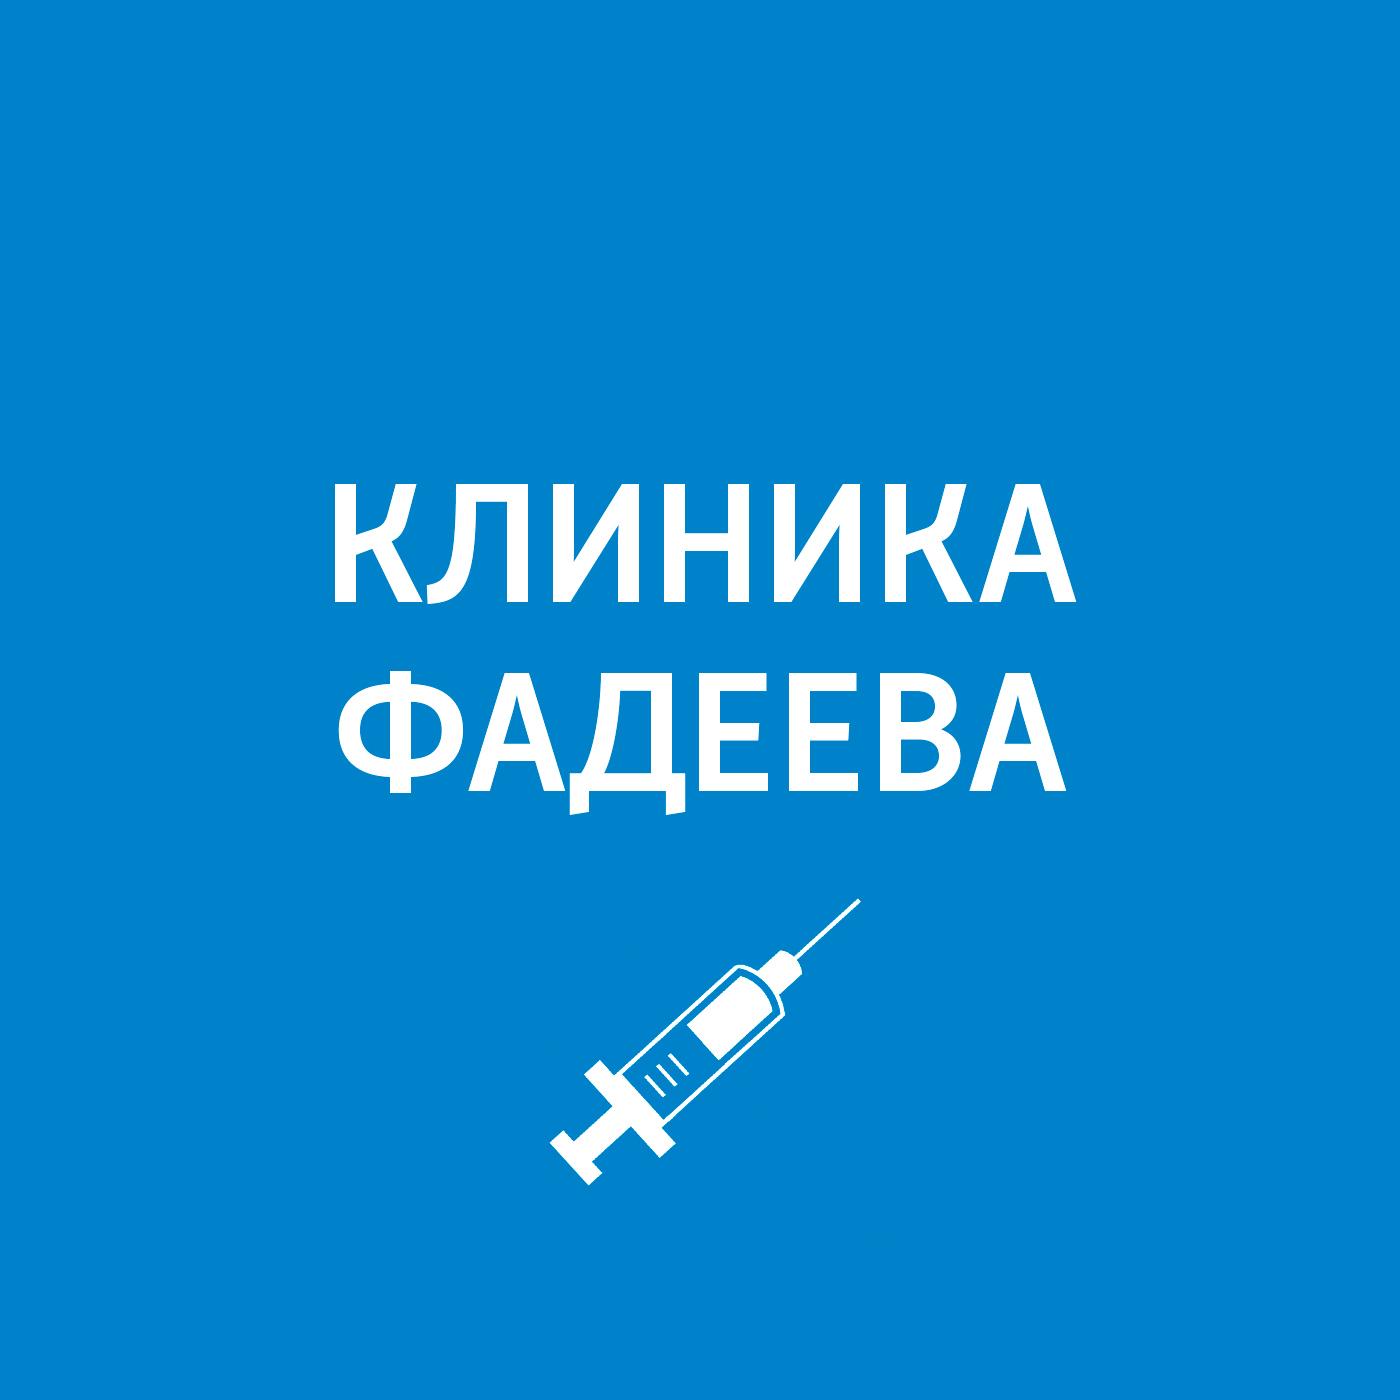 Пётр Фадеев Трихолог пётр фадеев ветеринар герпетолог